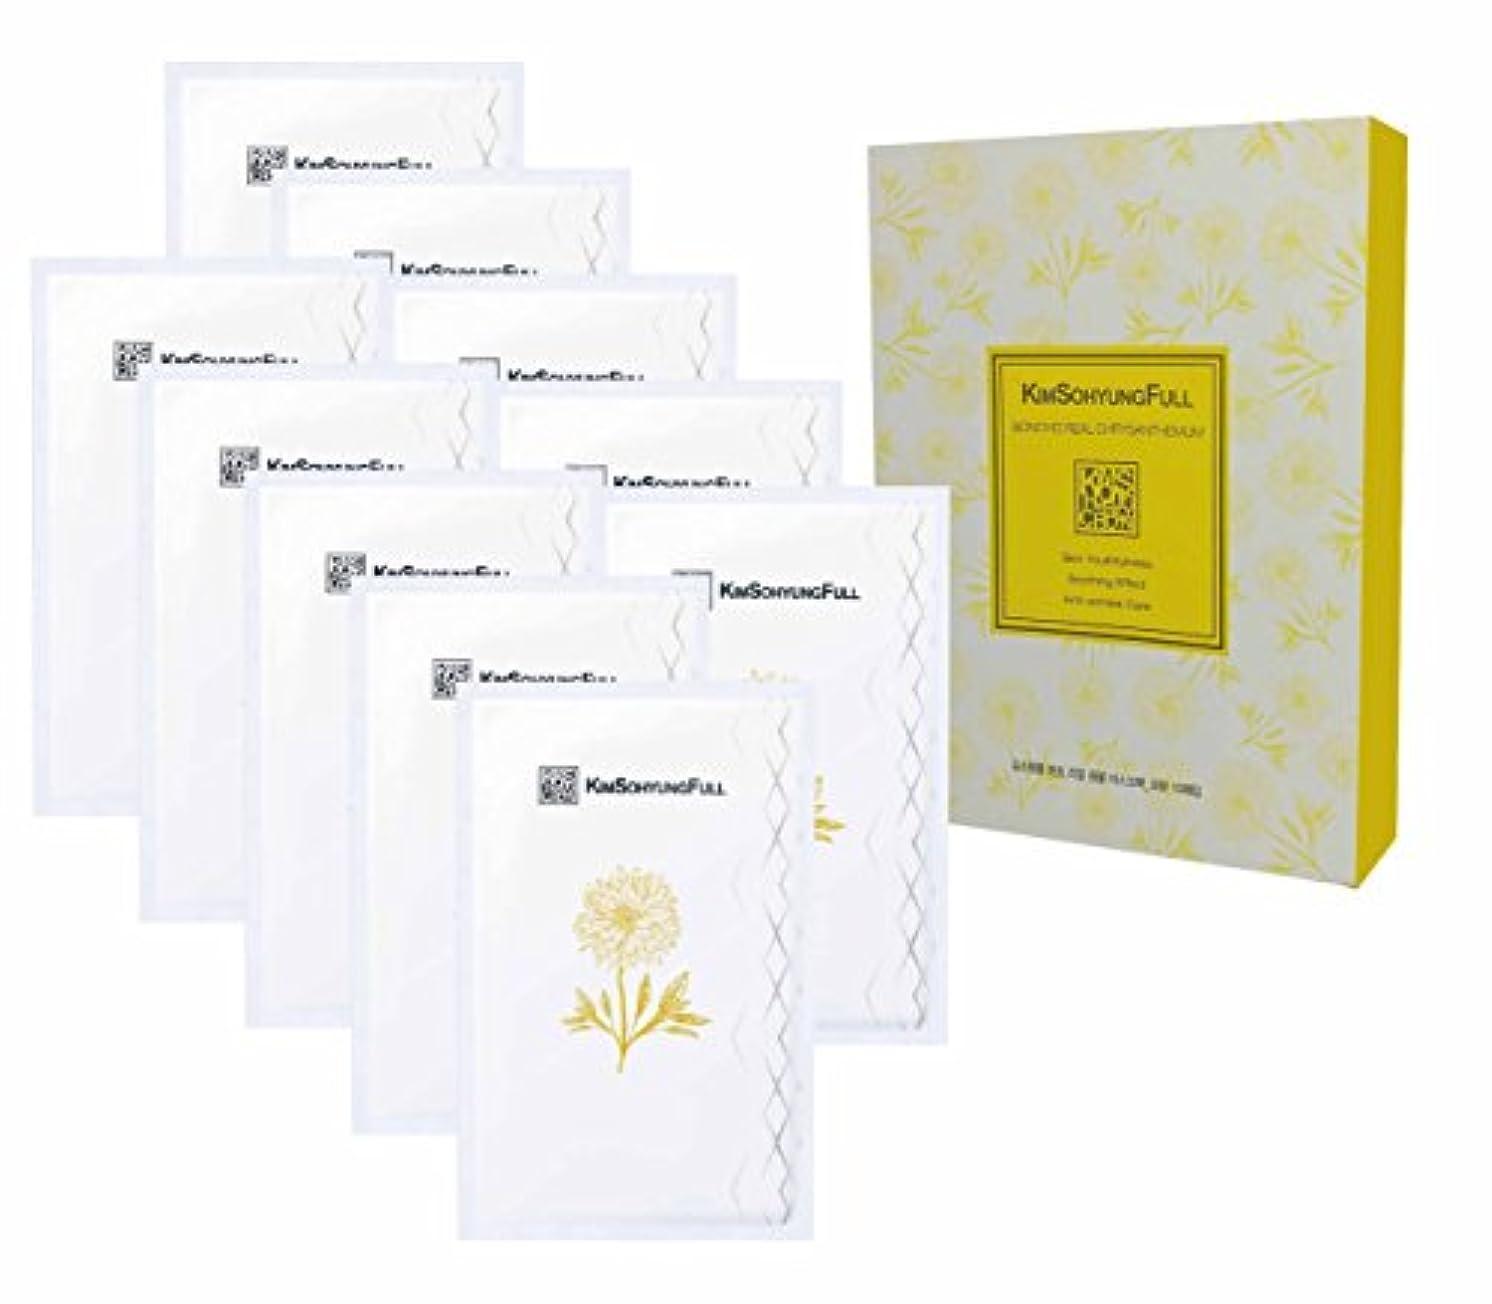 妖精スペードナンセンス[ギムソヒョンフル] 本草 本物の菊使ったシートマスク10枚パック -本物の菊の花びらを 6%配合、革新的な3層式の100%天然植物由来シート、23ml / 0.77液体オンス